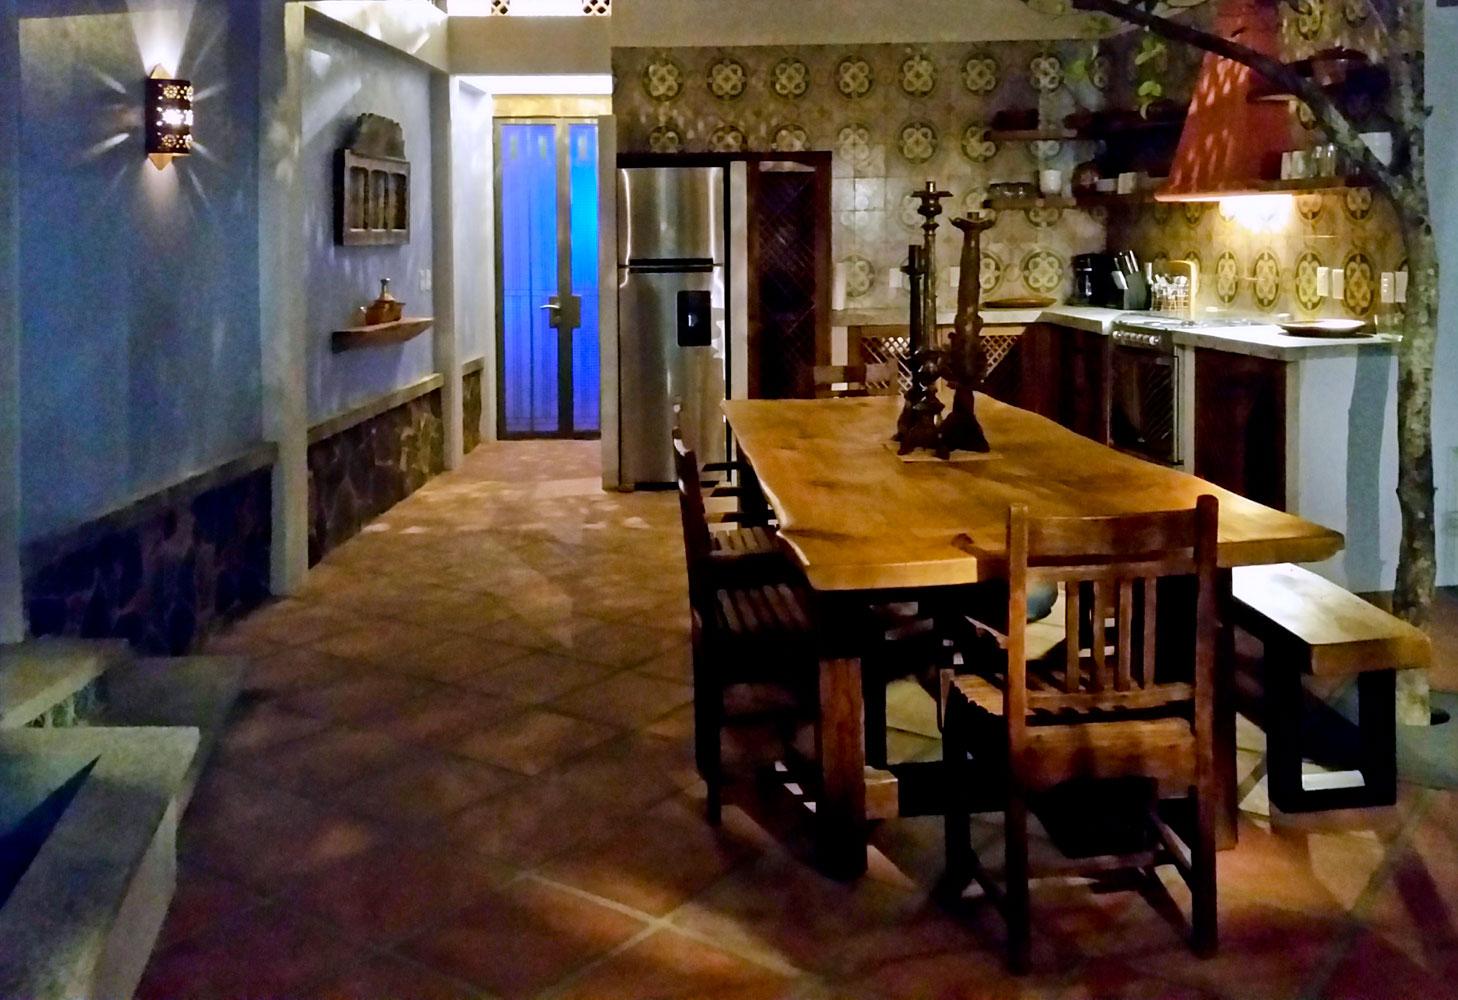 Casa-Joyero-Sayulita-dining-table-01.jpg